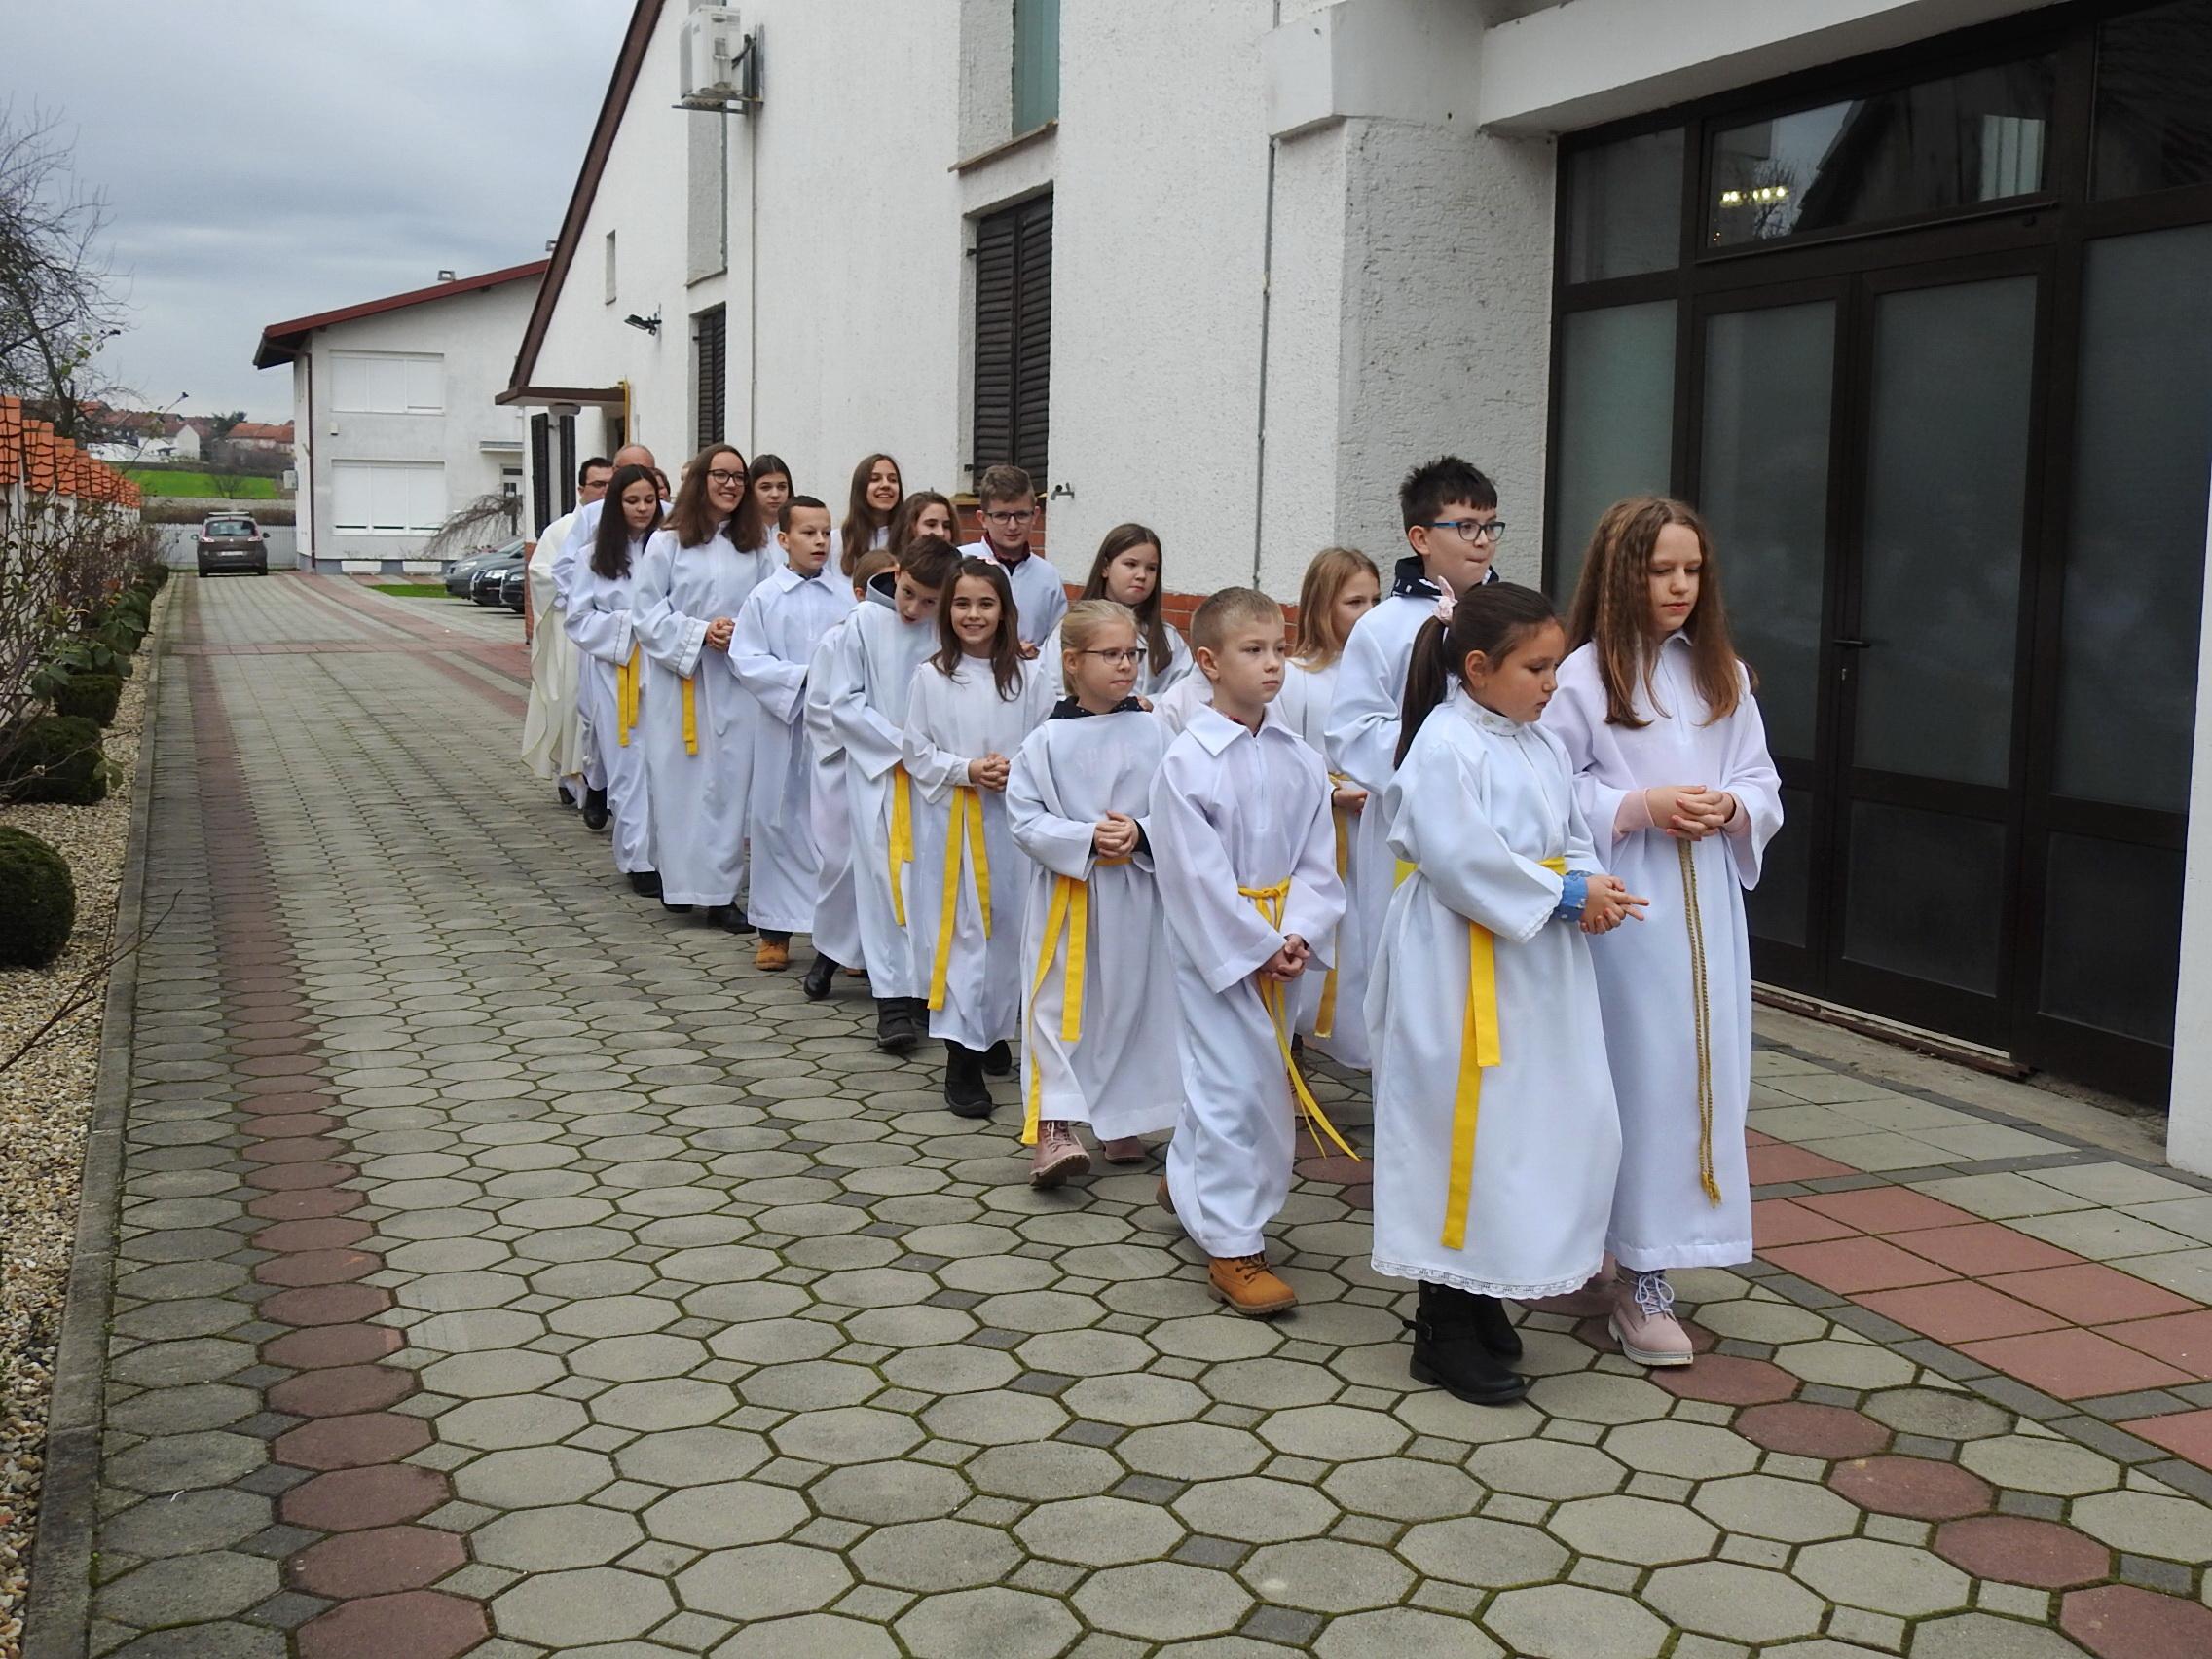 Ministranti u Markovcu Našičkom - Božić 2019 (slika 1) - 25.12.2019.